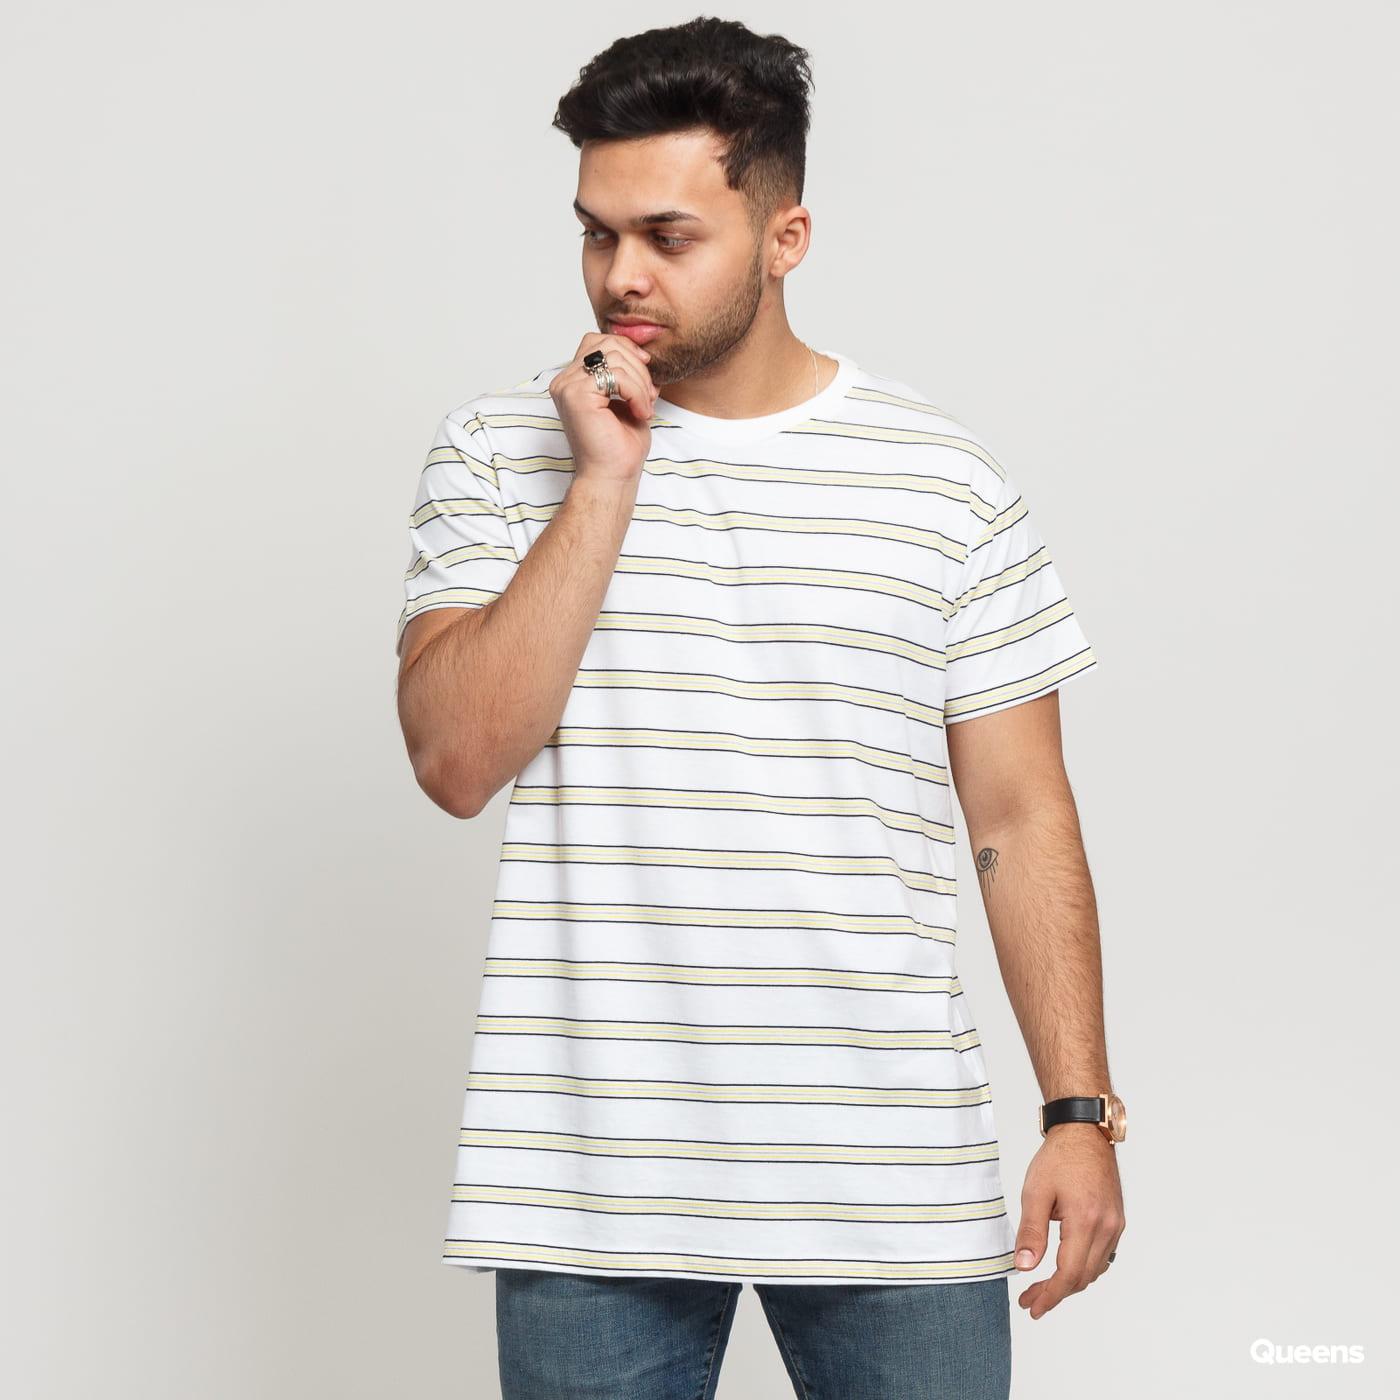 Urban Classics Multicolor Stripe Tee white / black / yellow / gray